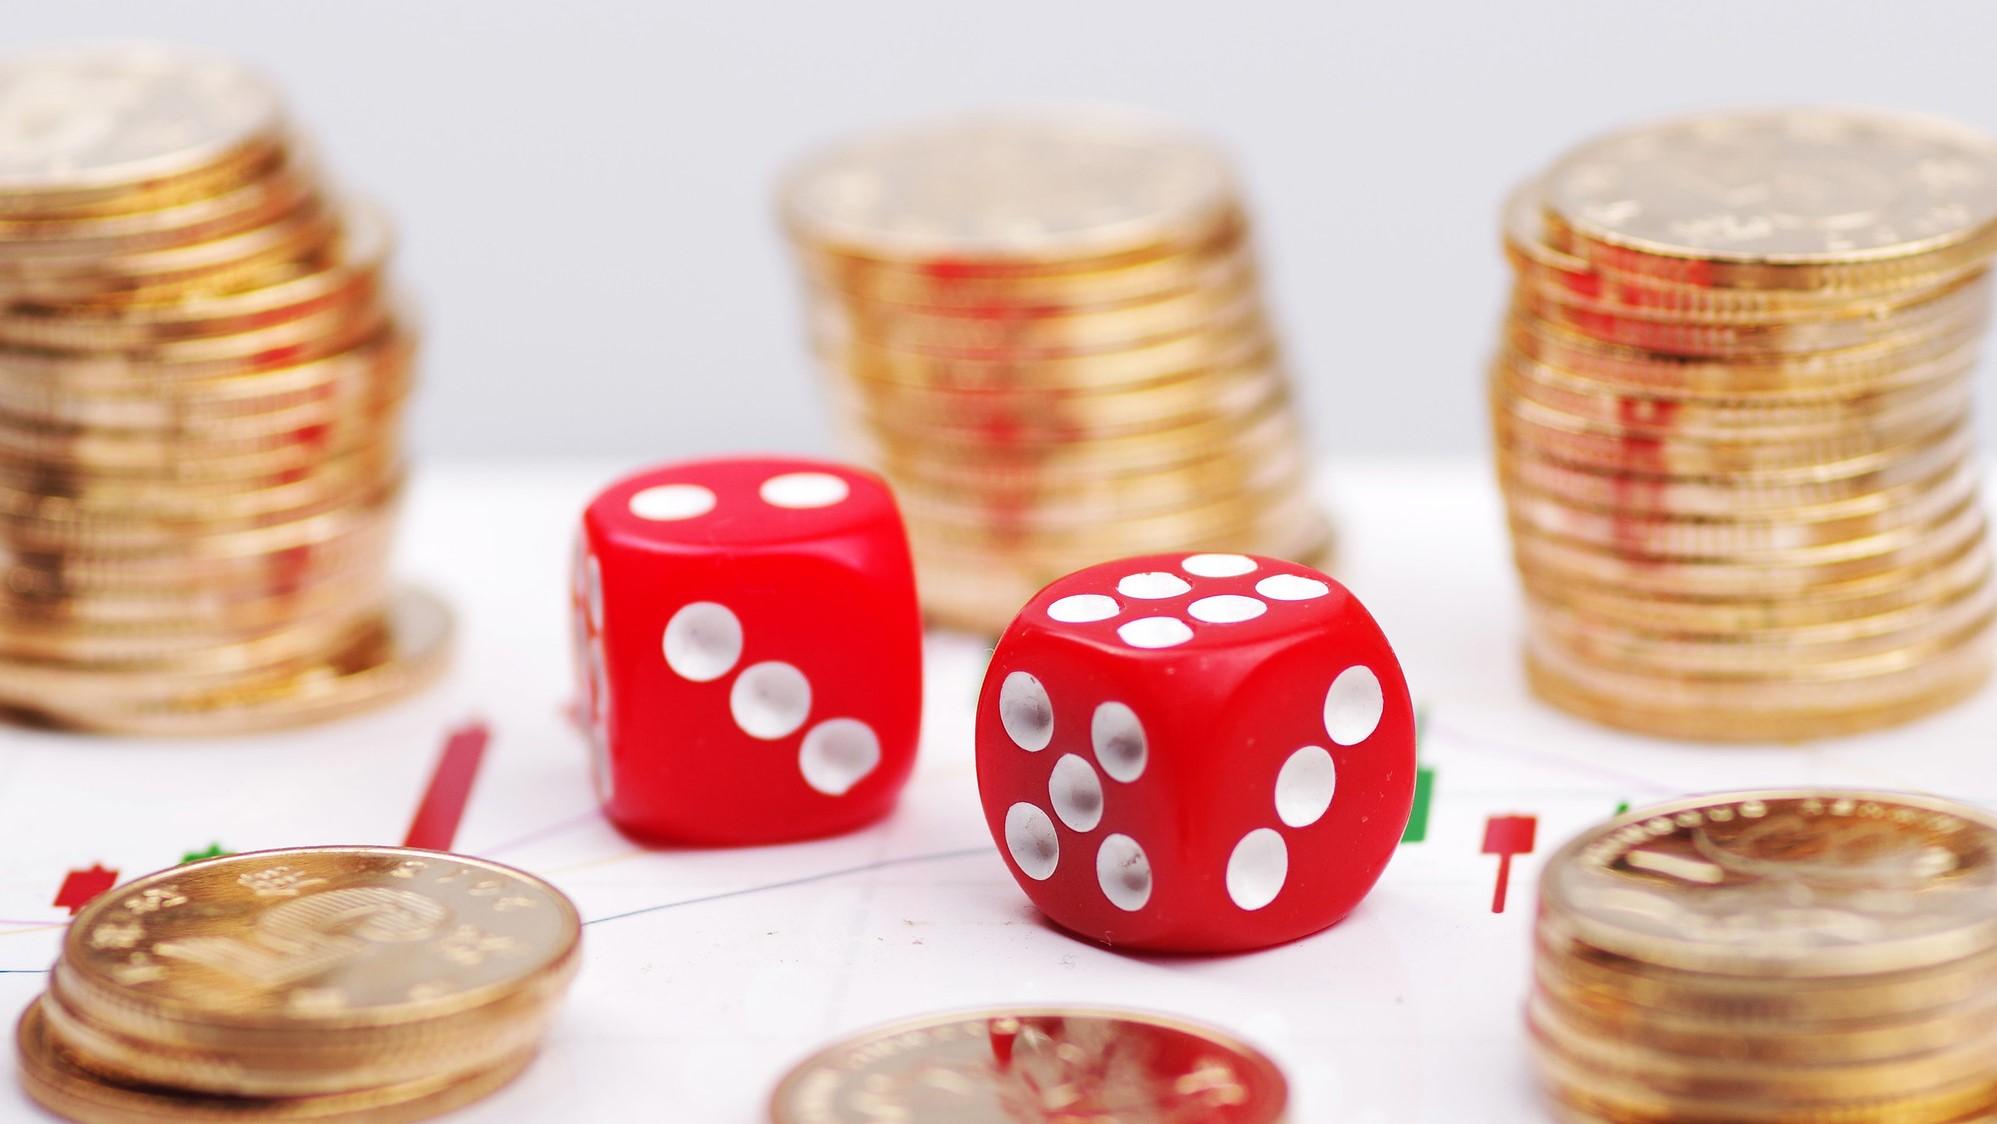 金融里的阿尔法和贝塔指的是什么?